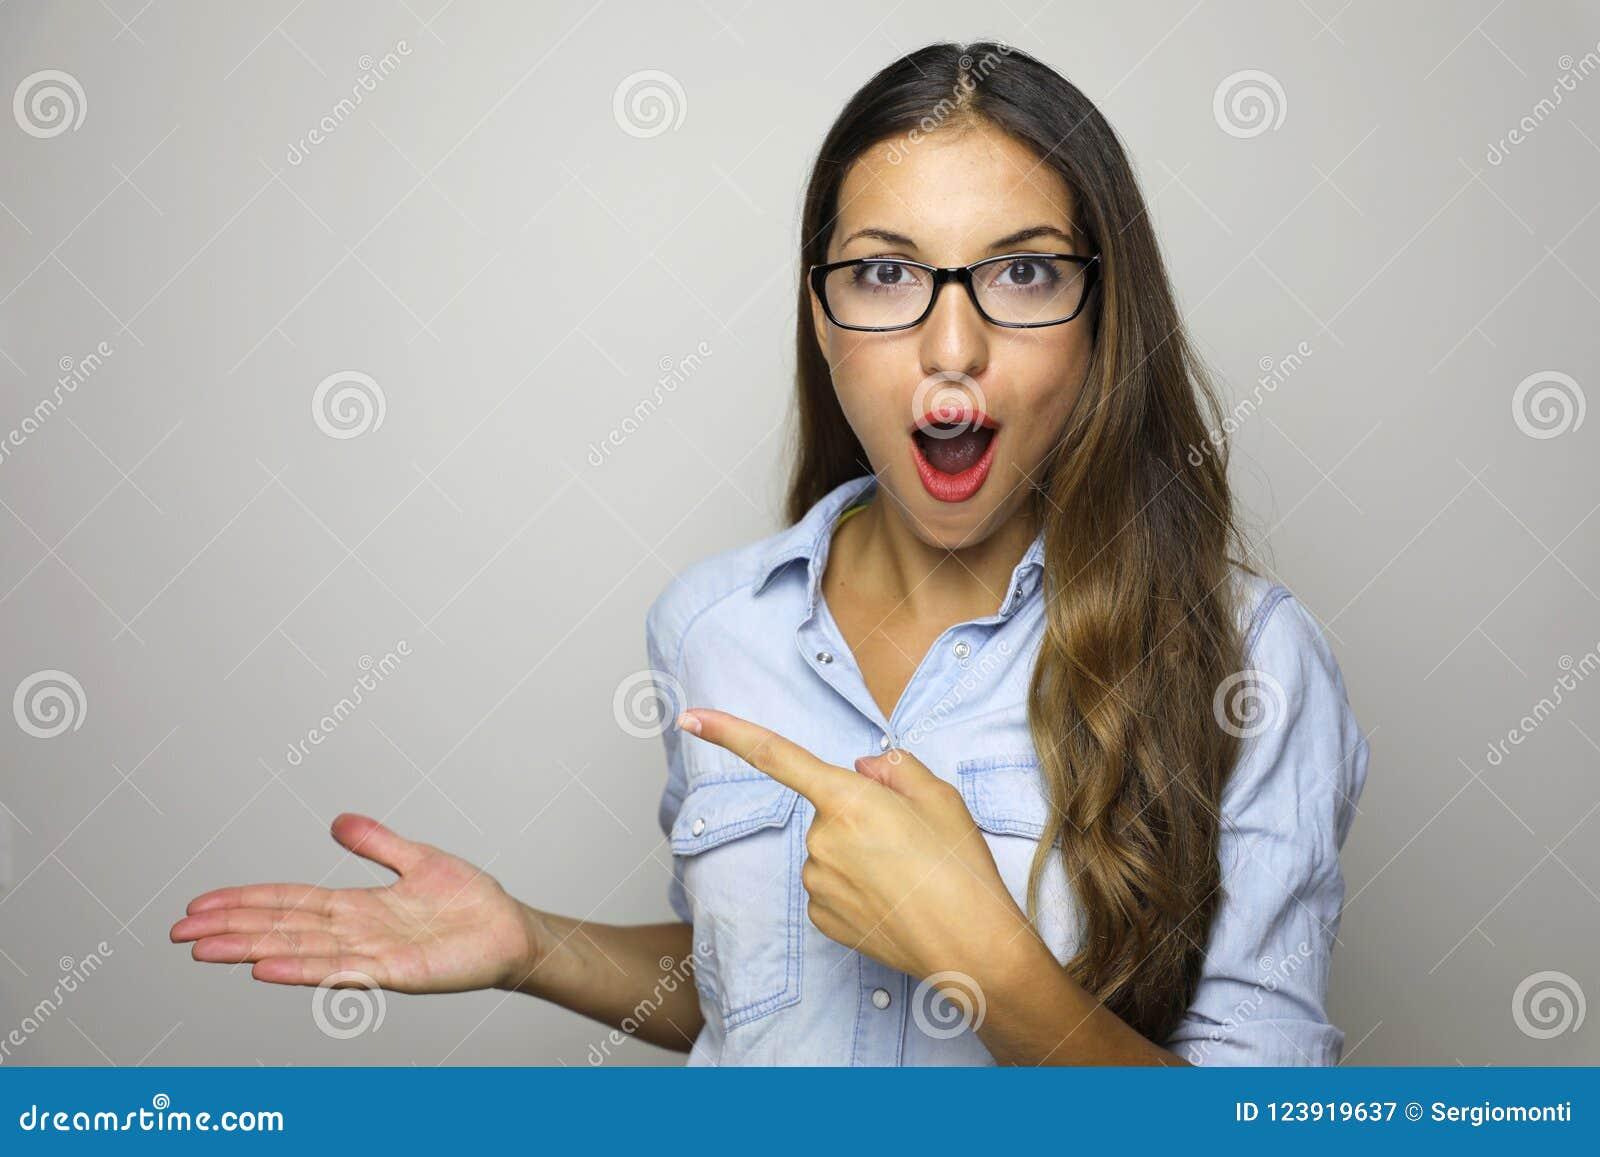 Visningprodukten för den unga kvinnan med den öppna handen gömma i handflatan och peka fingret Upphetsat uttryck på isolerade bär